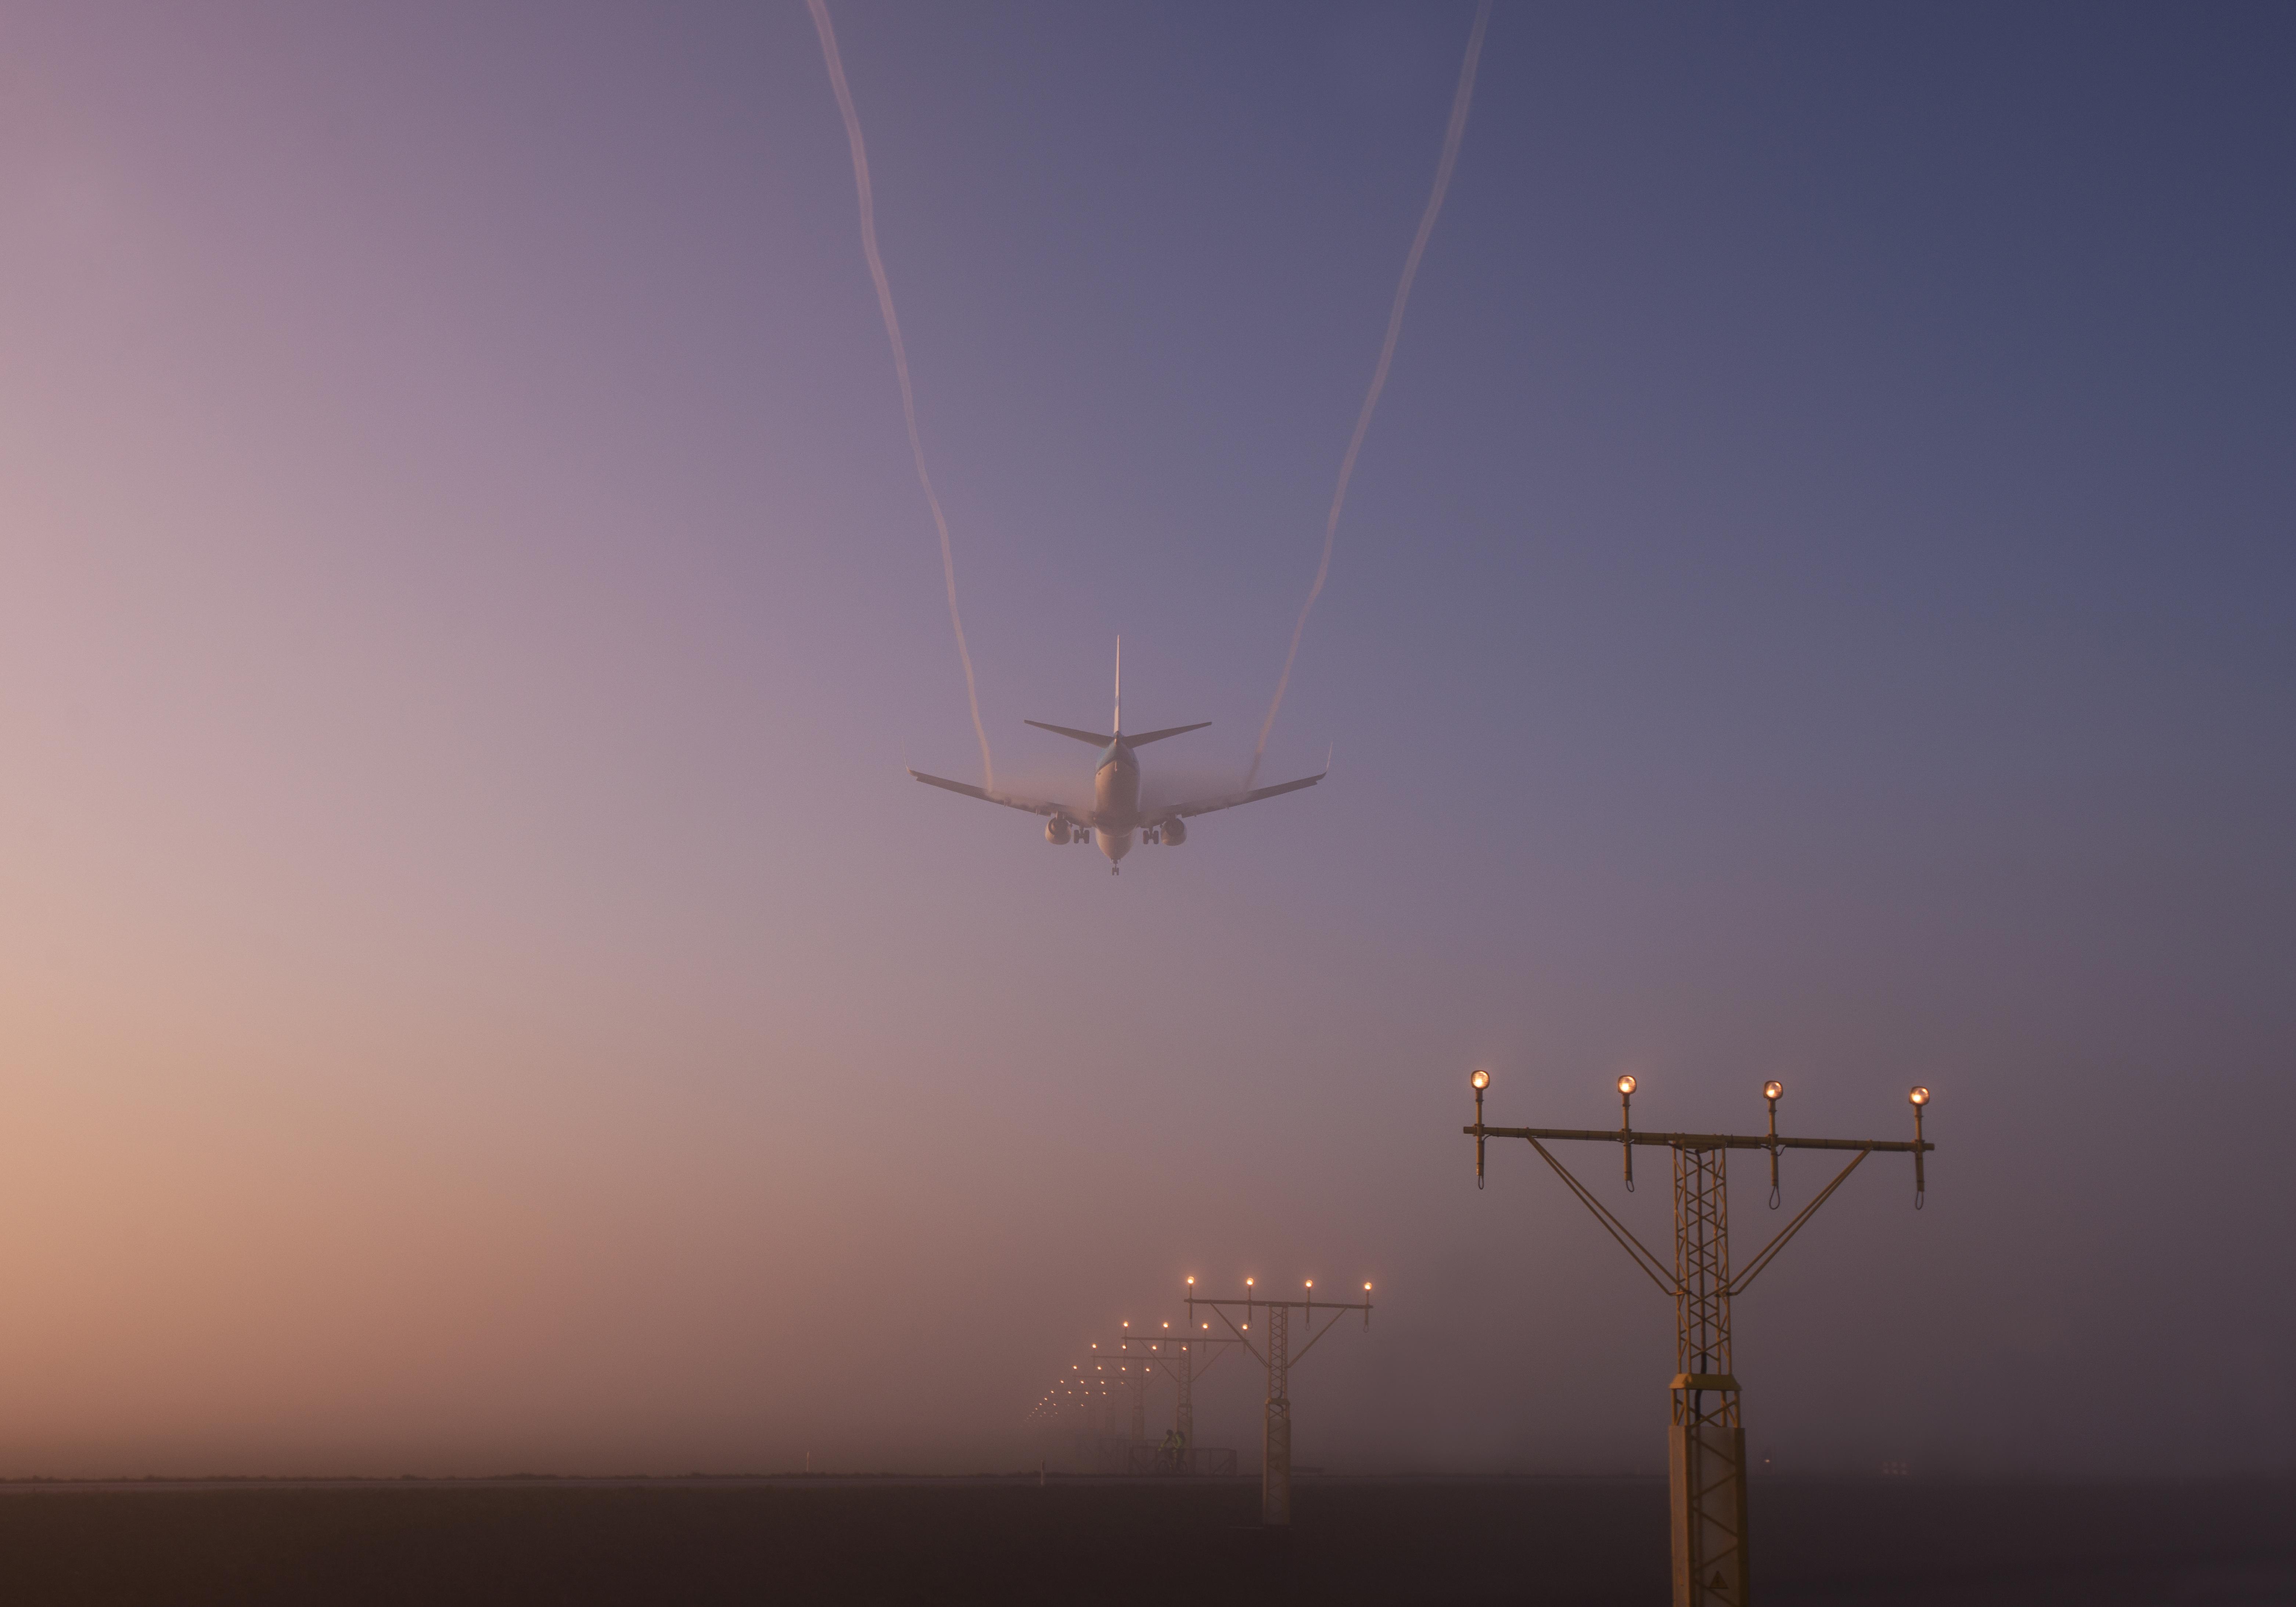 Vliegtuig in mist DEF FotoIntervisie Ingeleverd.jpg MM